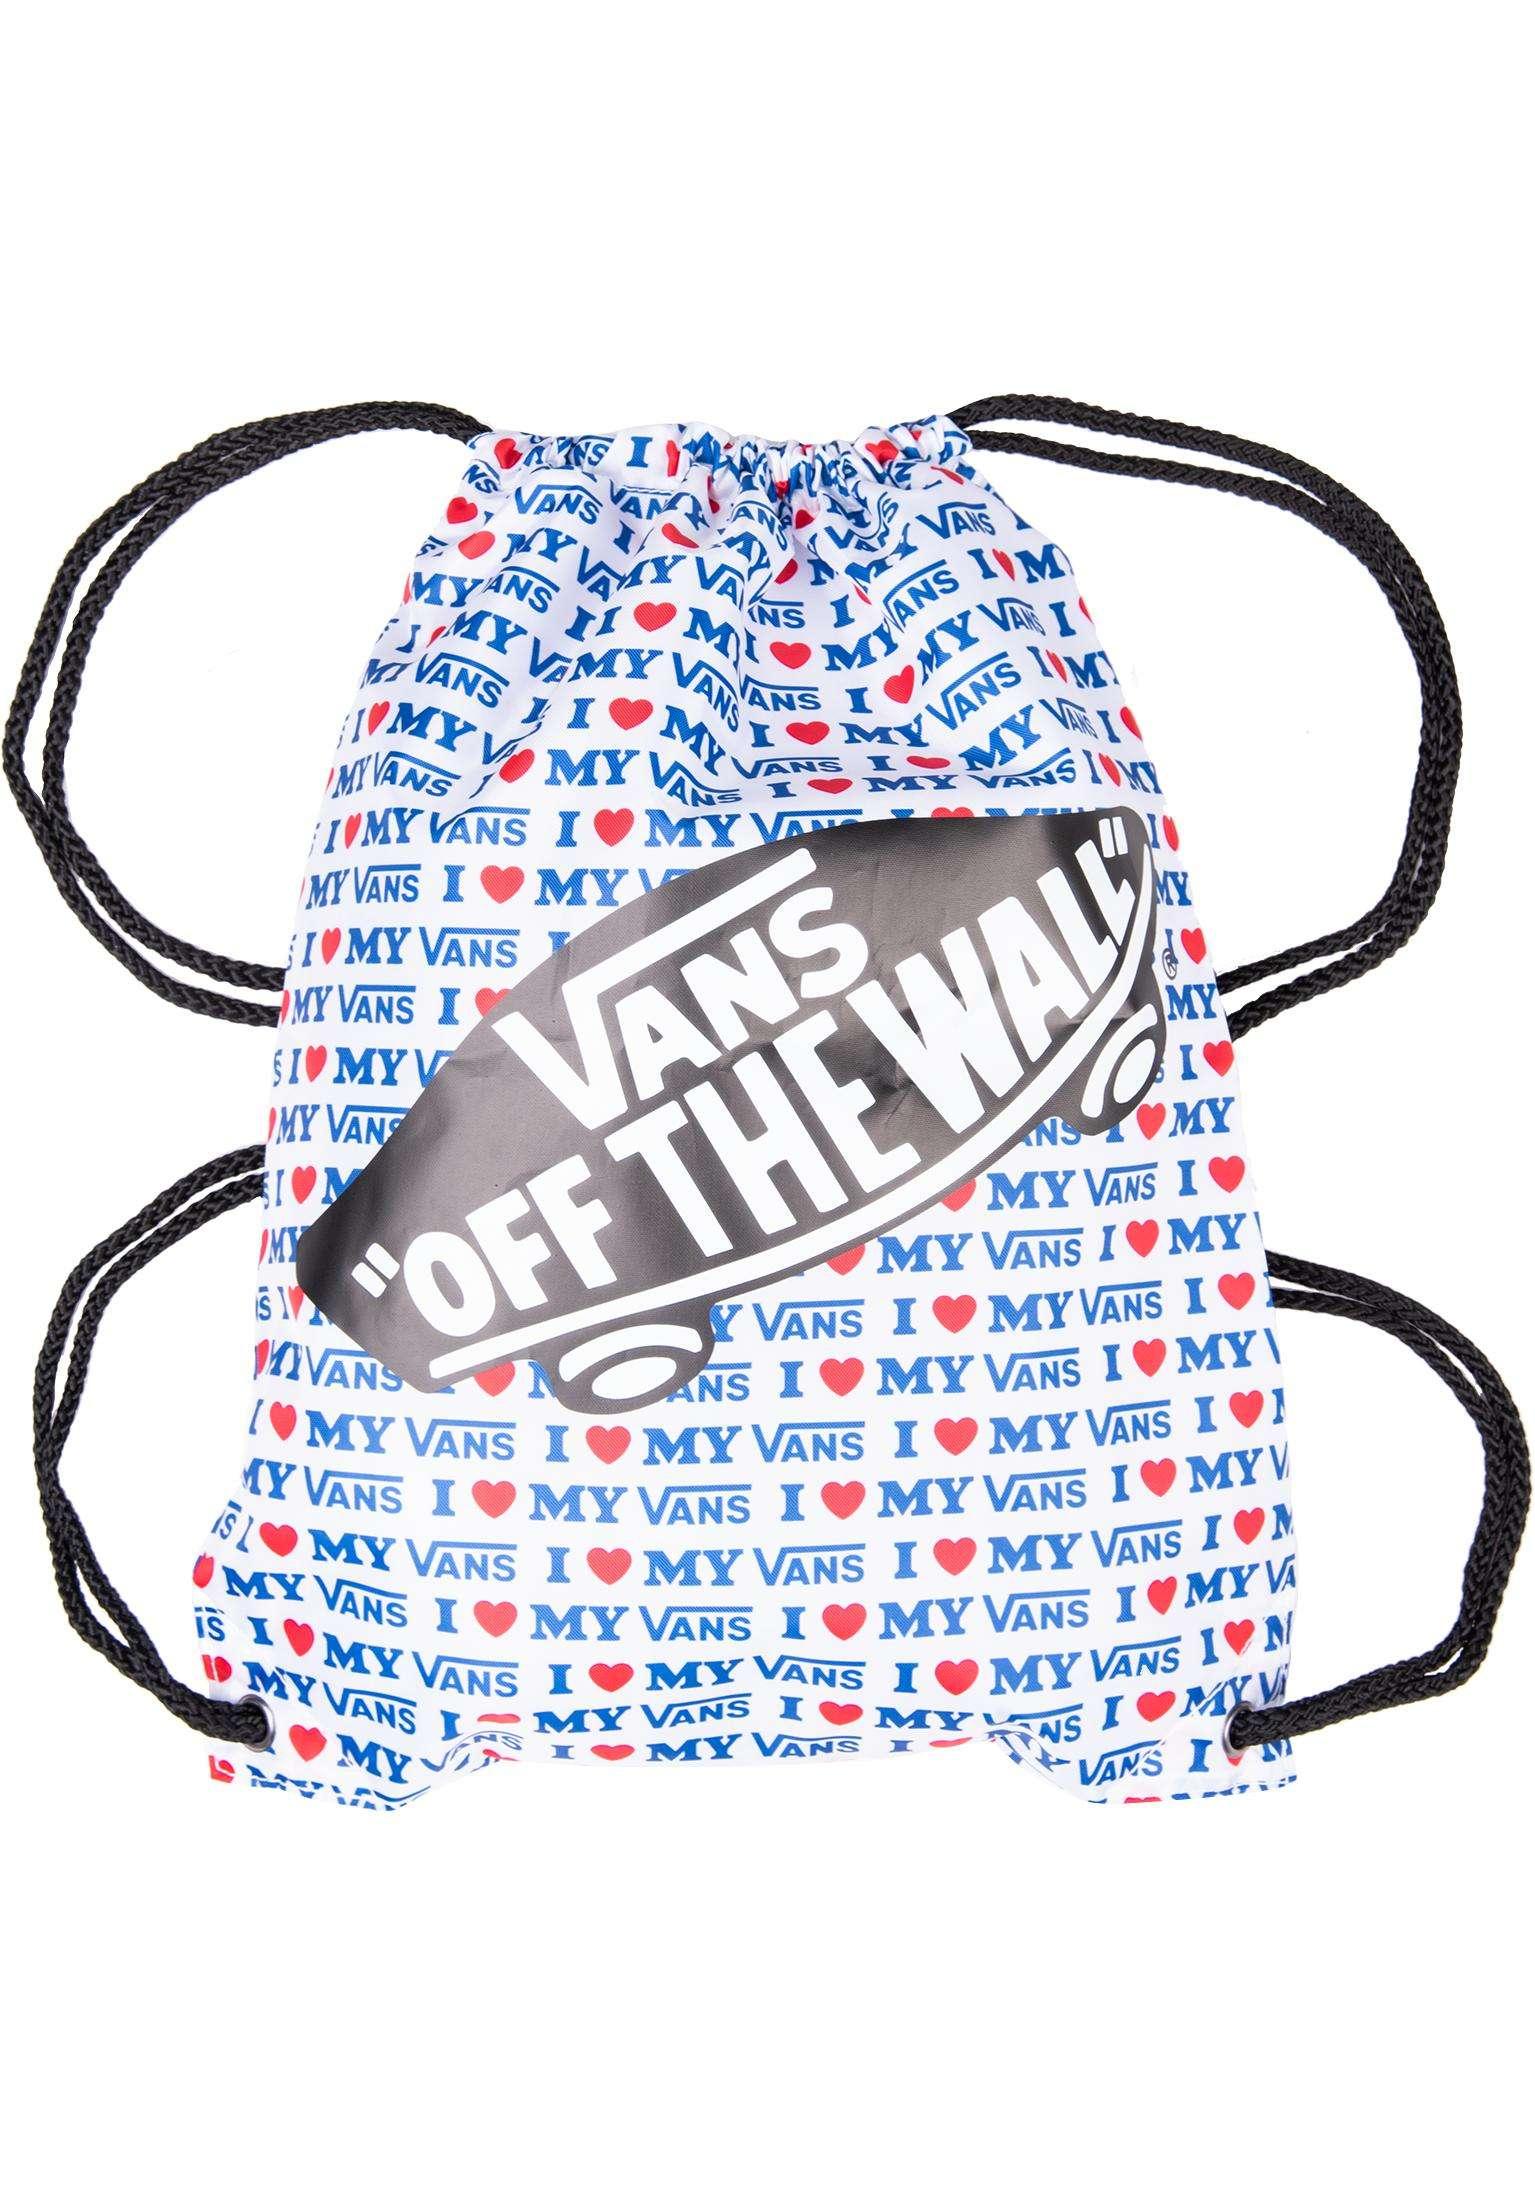 a5d467c5f4 Benched Vans Bags in trueblue-vanslove for Women